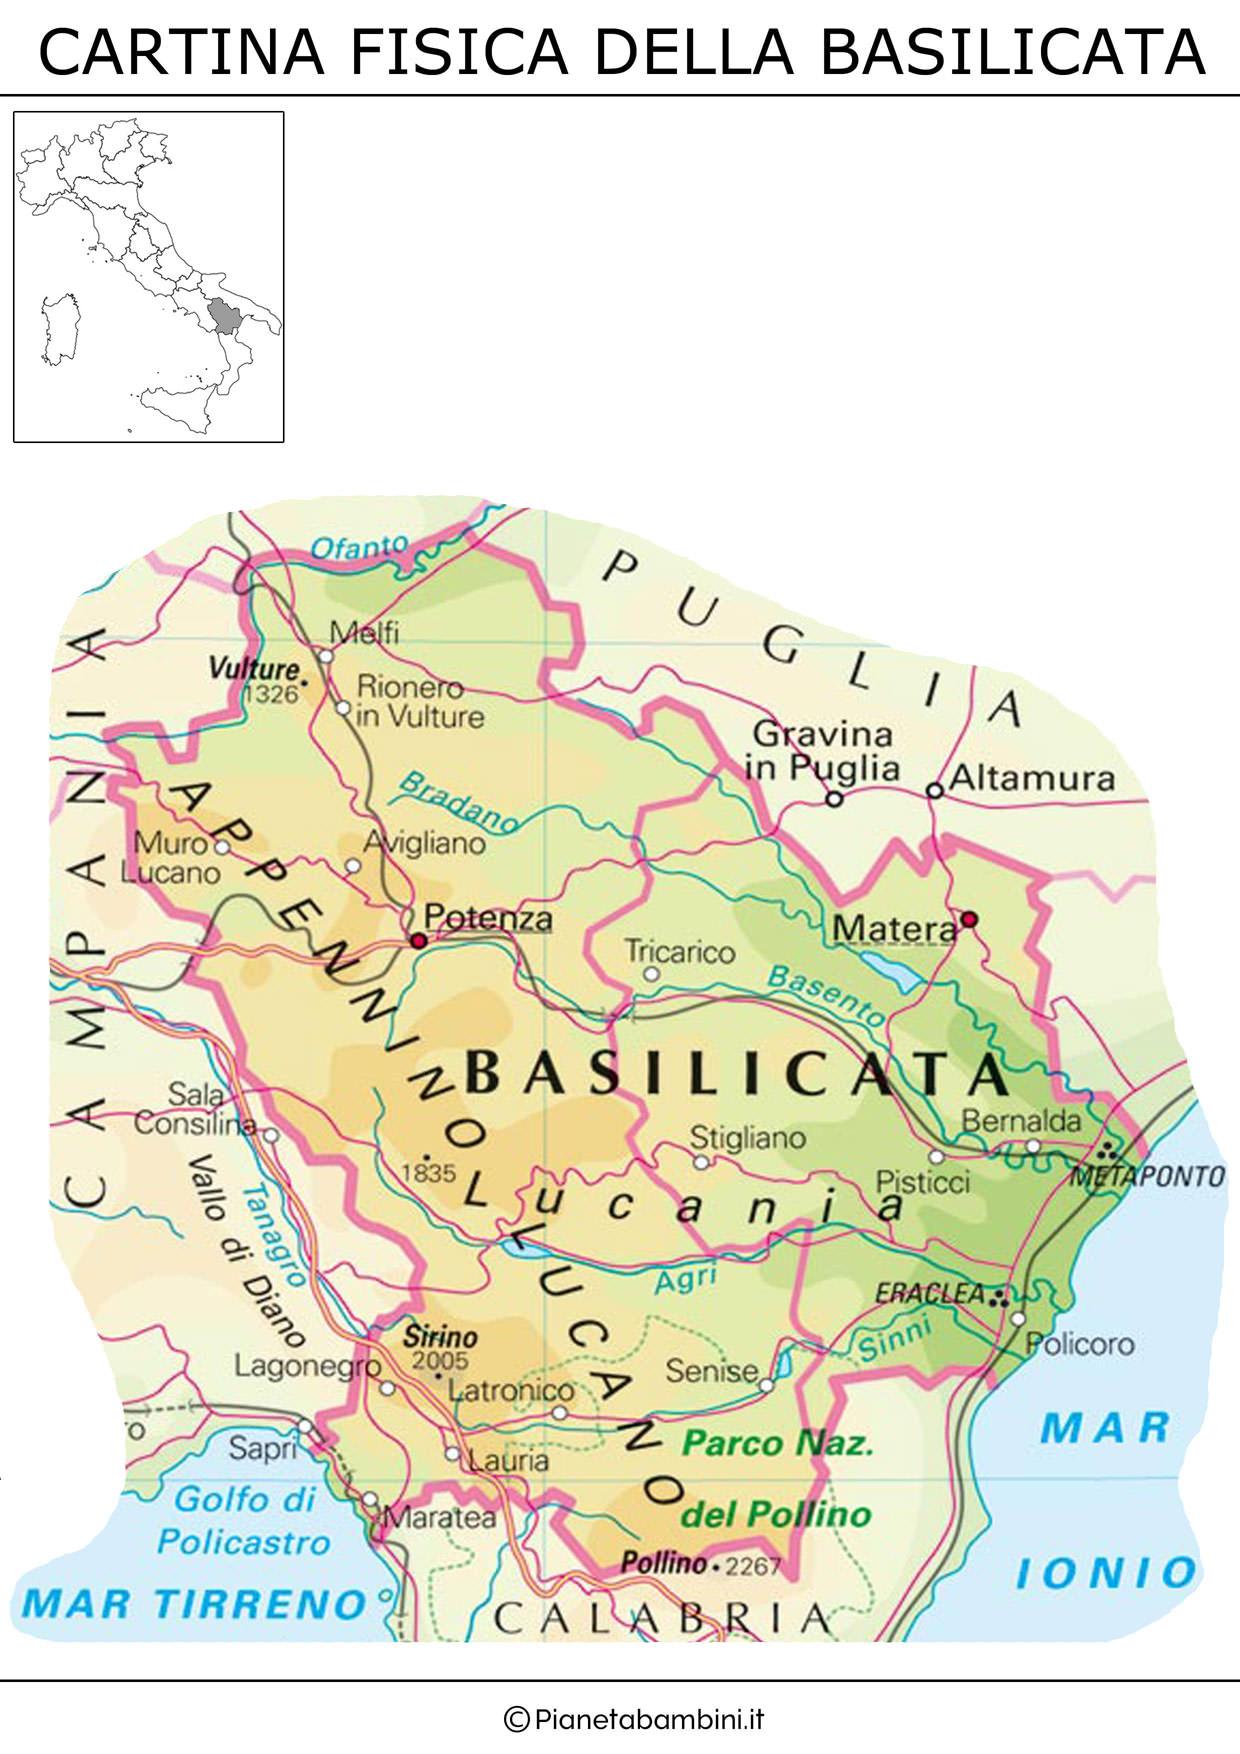 Cartina della Basilicata in versione fisica da stampare gratis